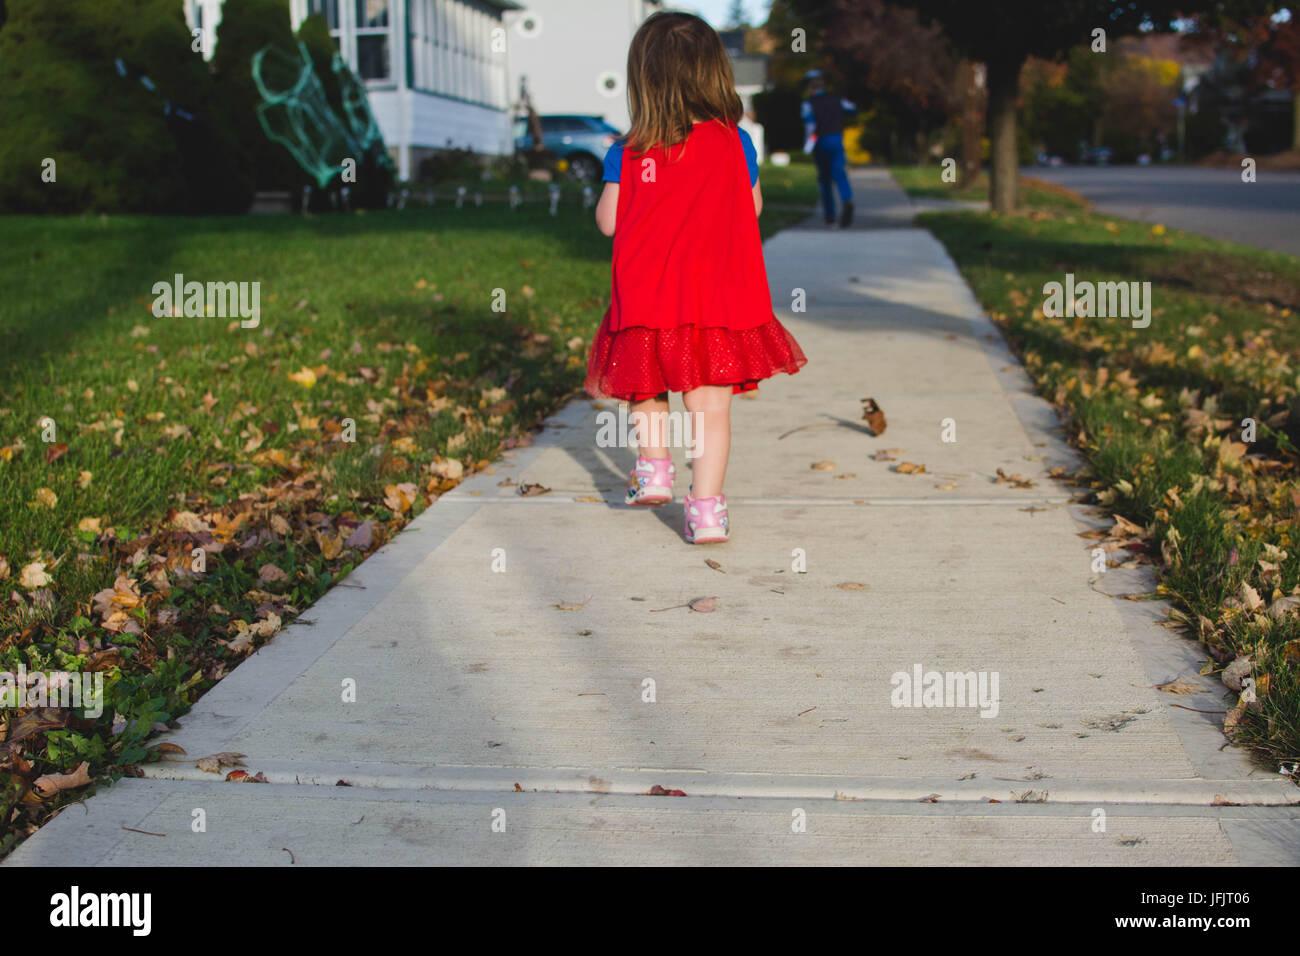 Une jeune fille marche dans un trottoir de derrière au coucher du soleil à l'automne portant une cape Photo Stock